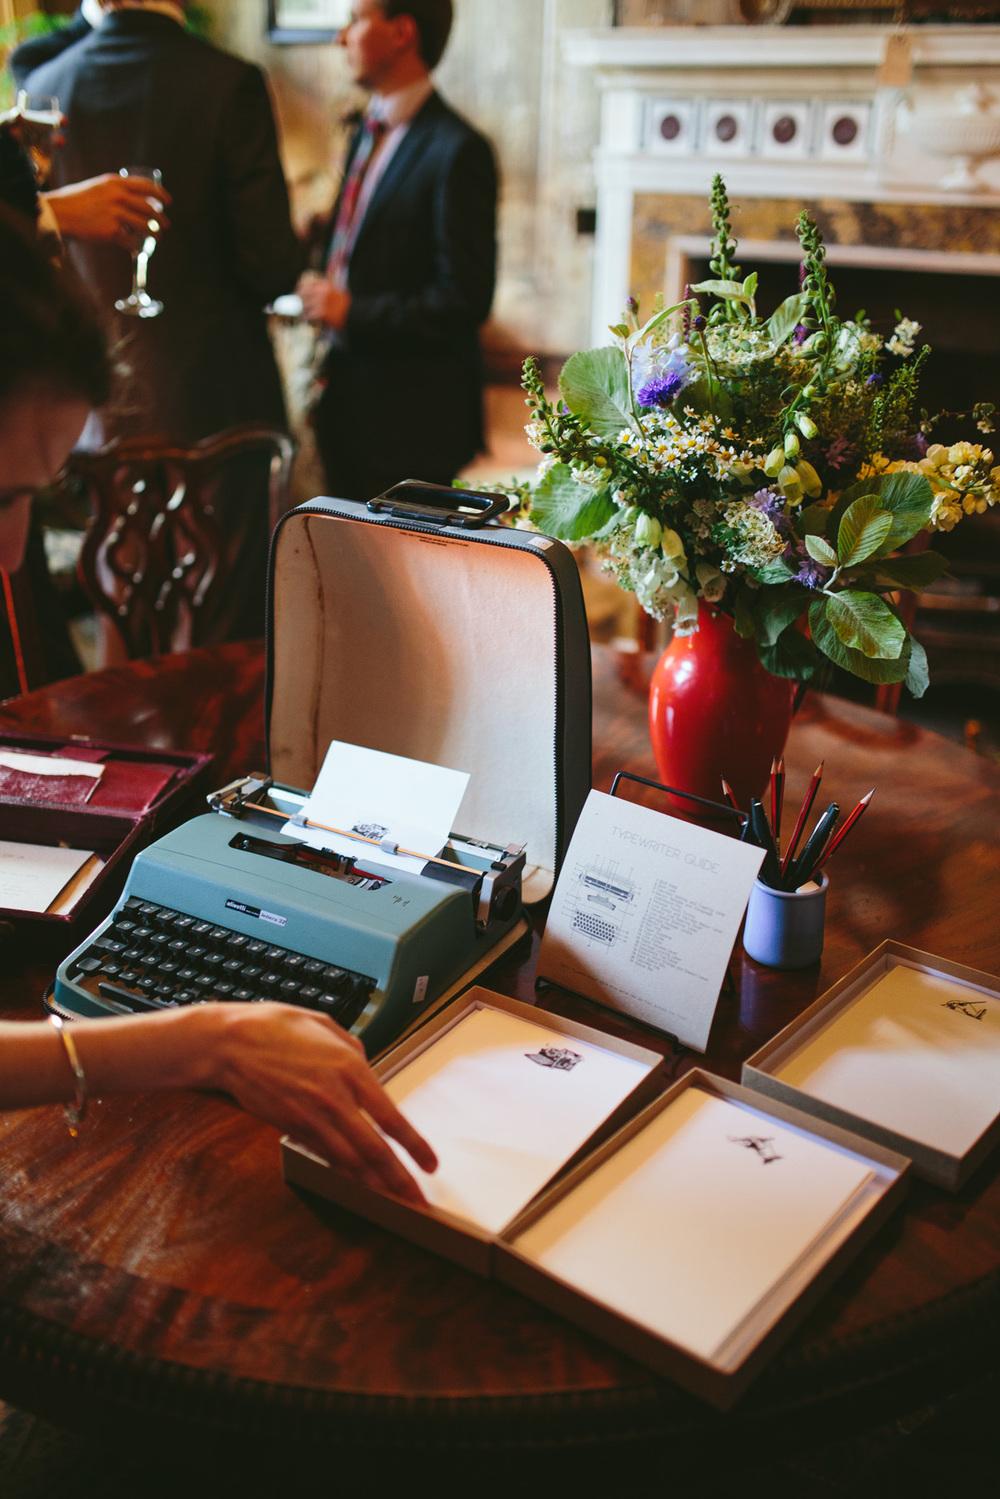 a0fb2-guestweddingnotes.jpg